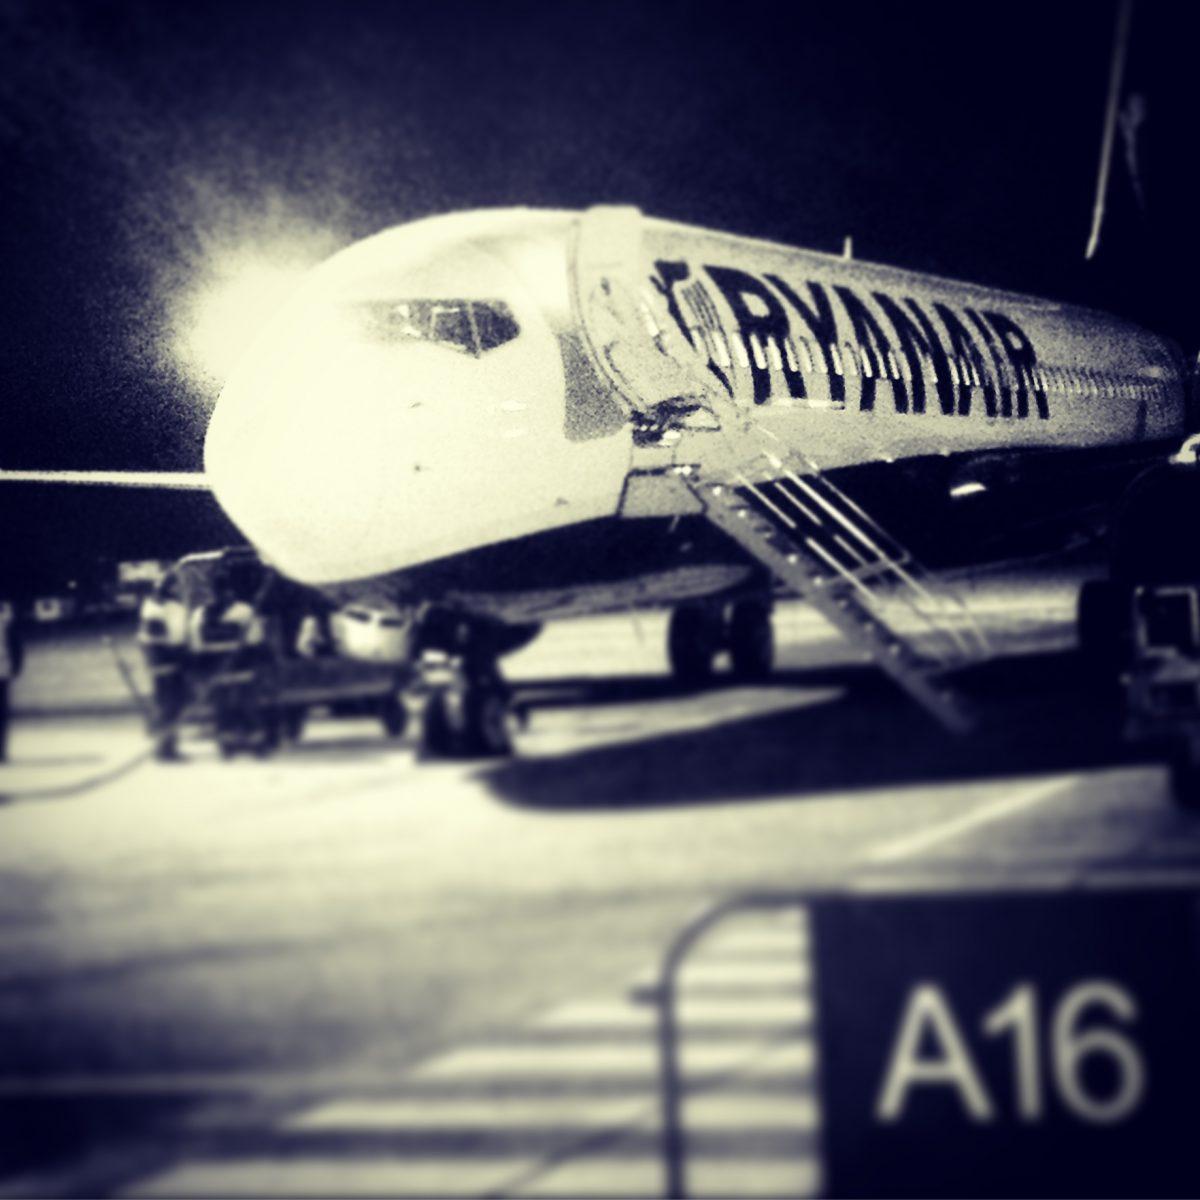 Avión de Ryanair <br> Foto: Israel Úbeda / sweetsweden.com